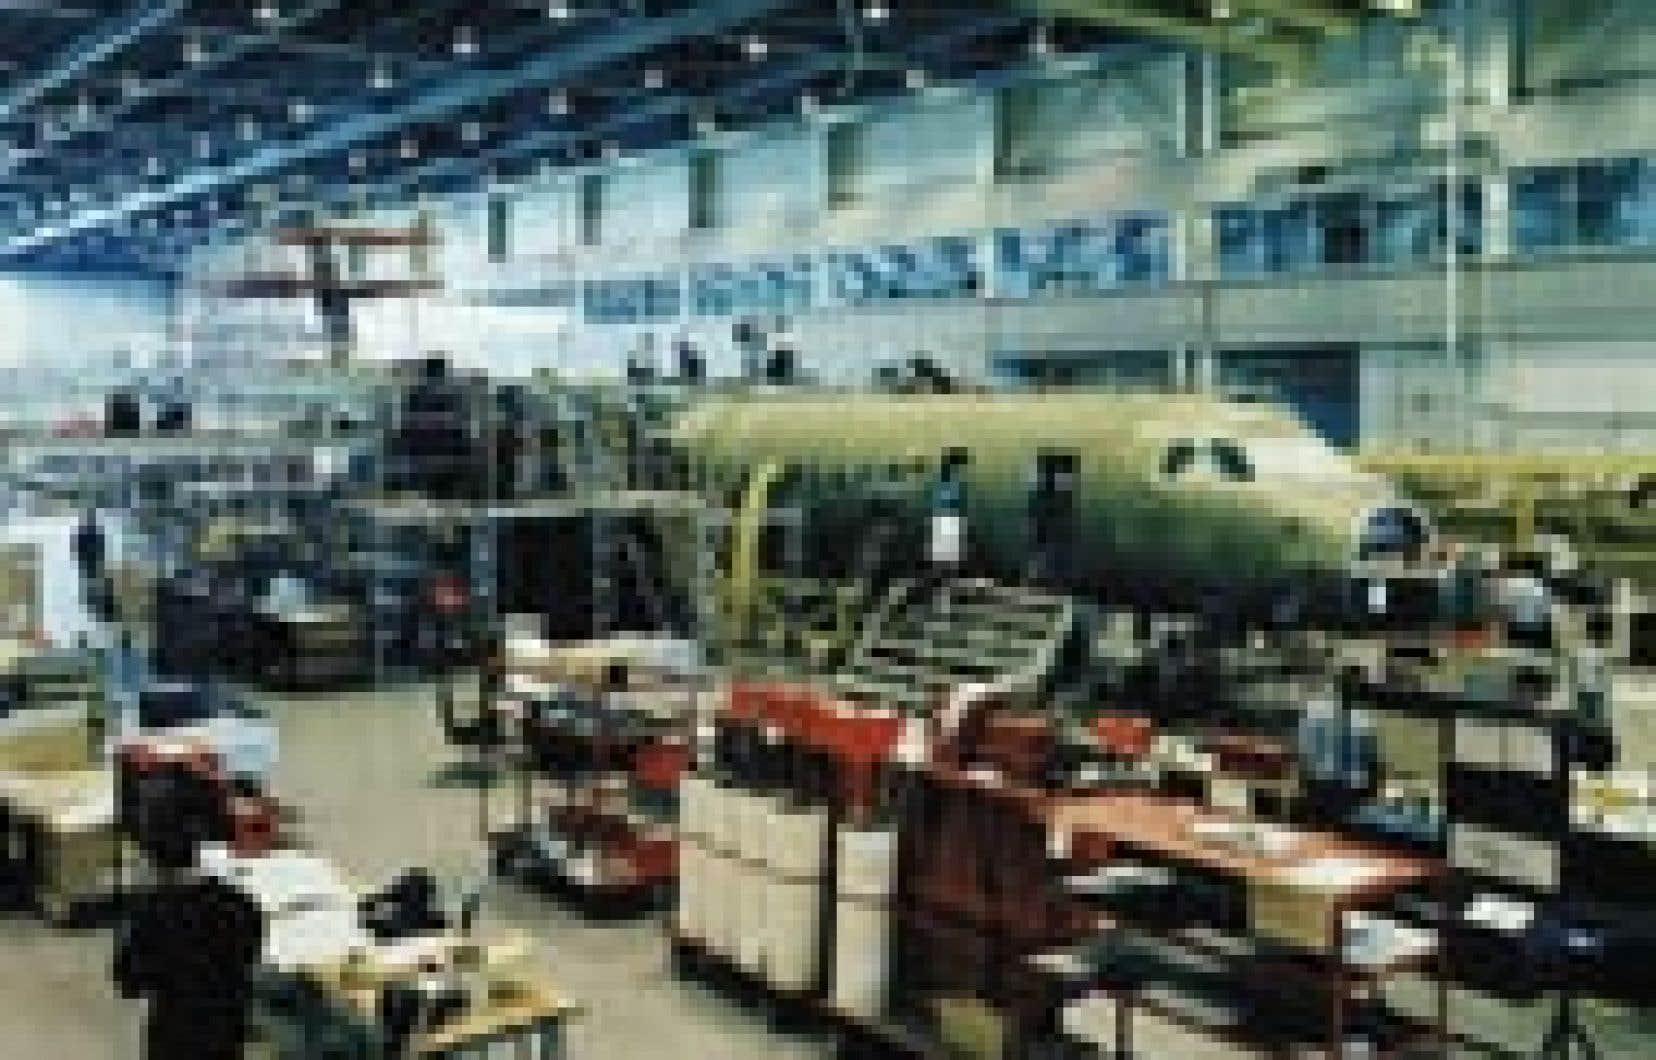 Source Bombardier Aéronautique La structure de financement dont il est question couvre 70 appareils régionaux, dont 65 biréacteurs CRJ et cinq turbopropulseurs Q400.